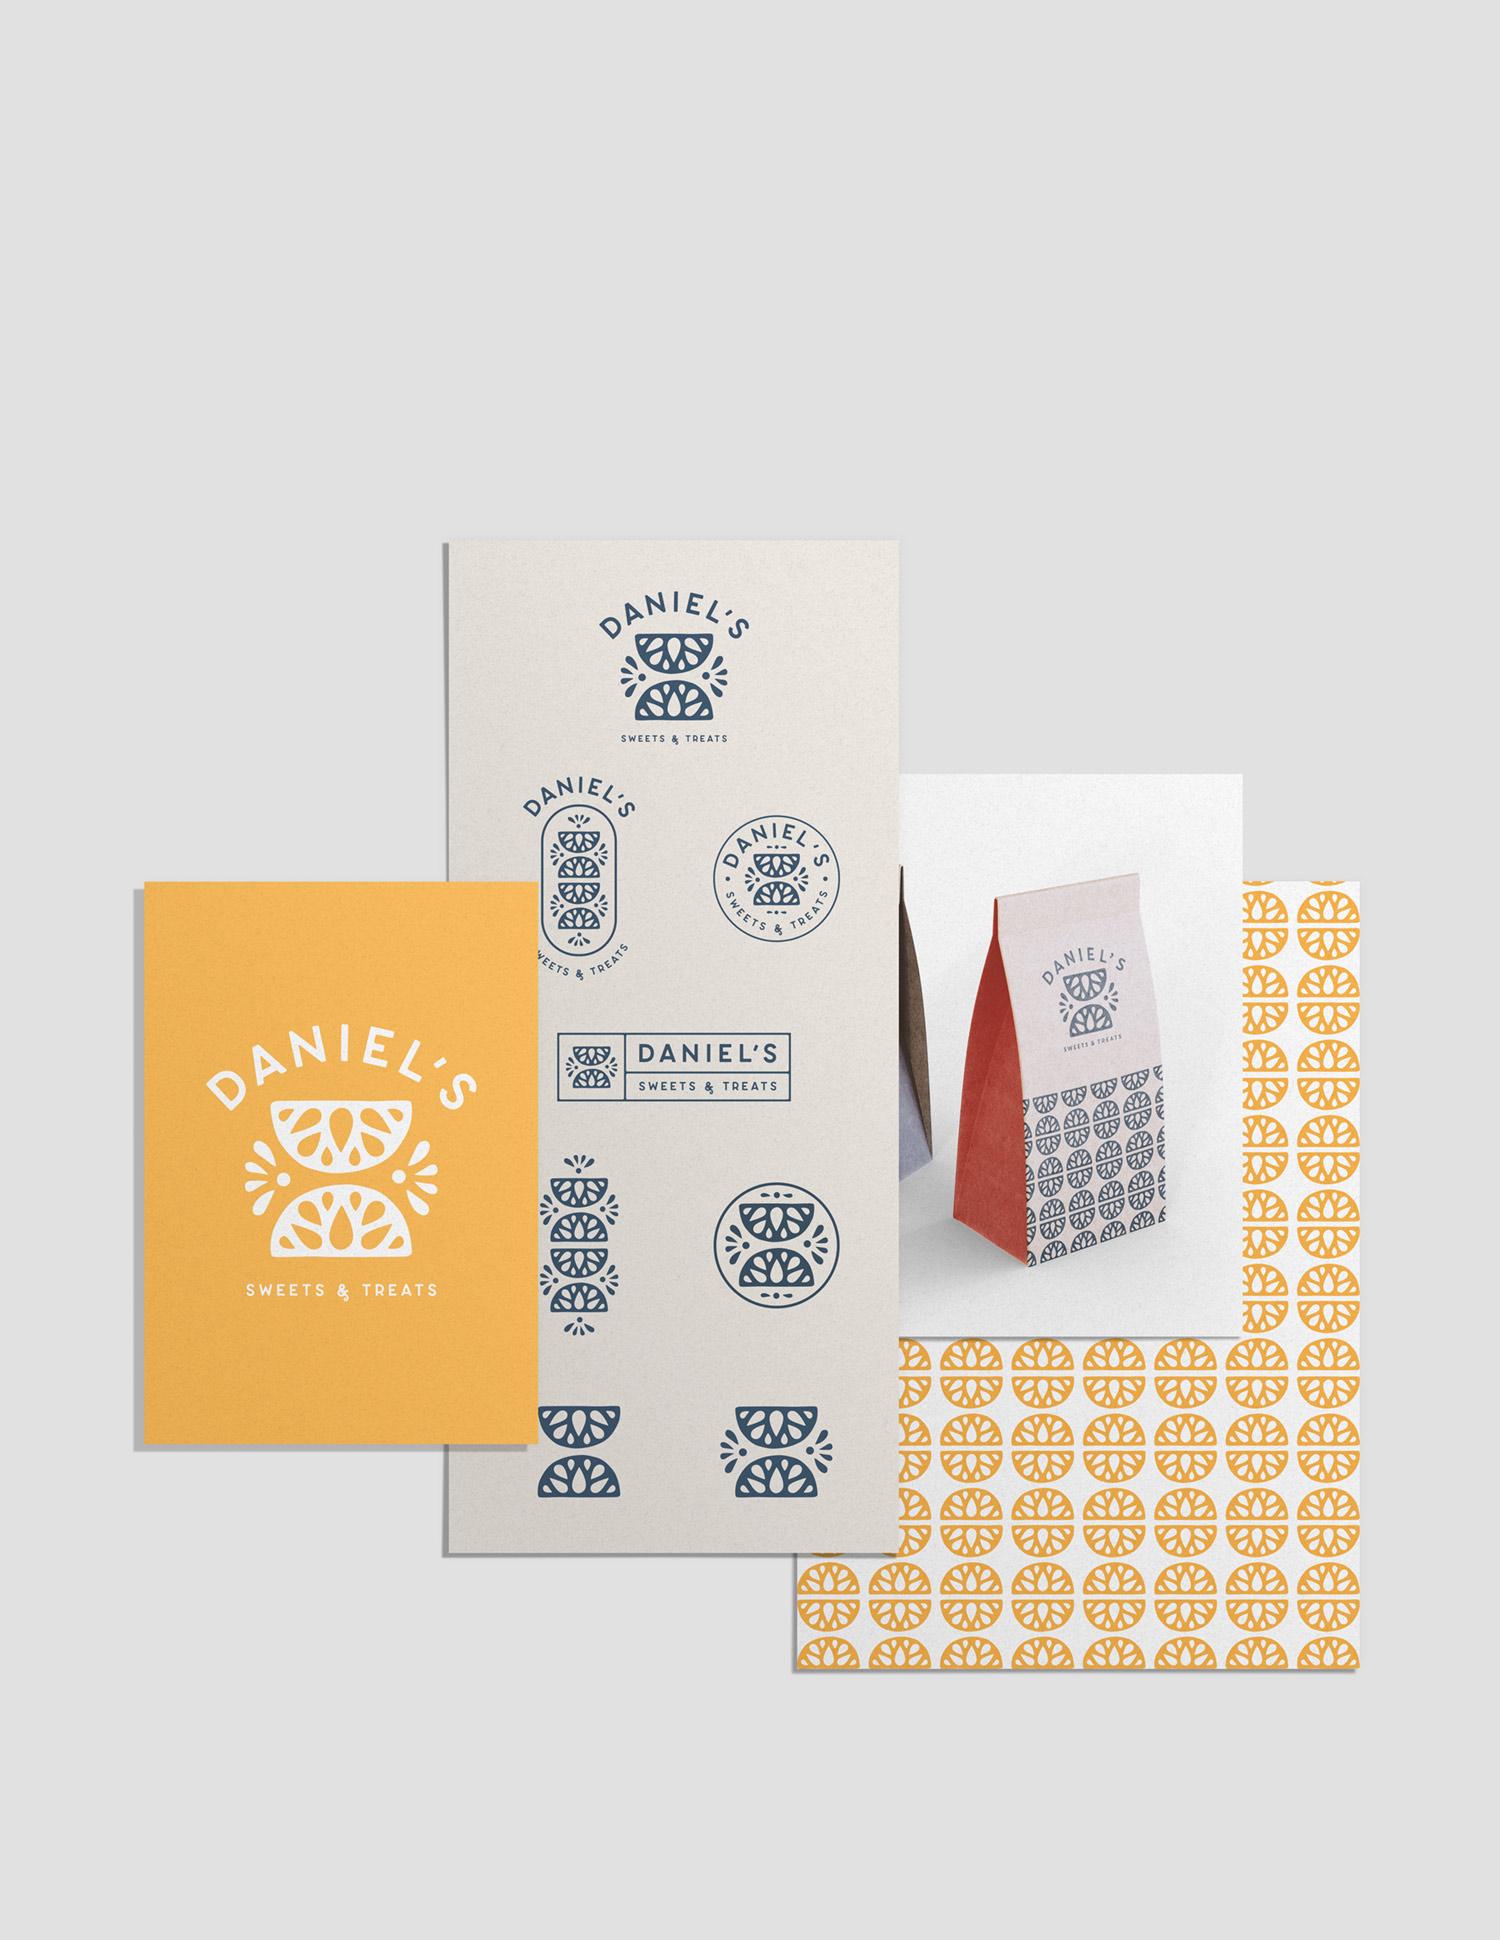 Brand Identity | Graphic Design Service